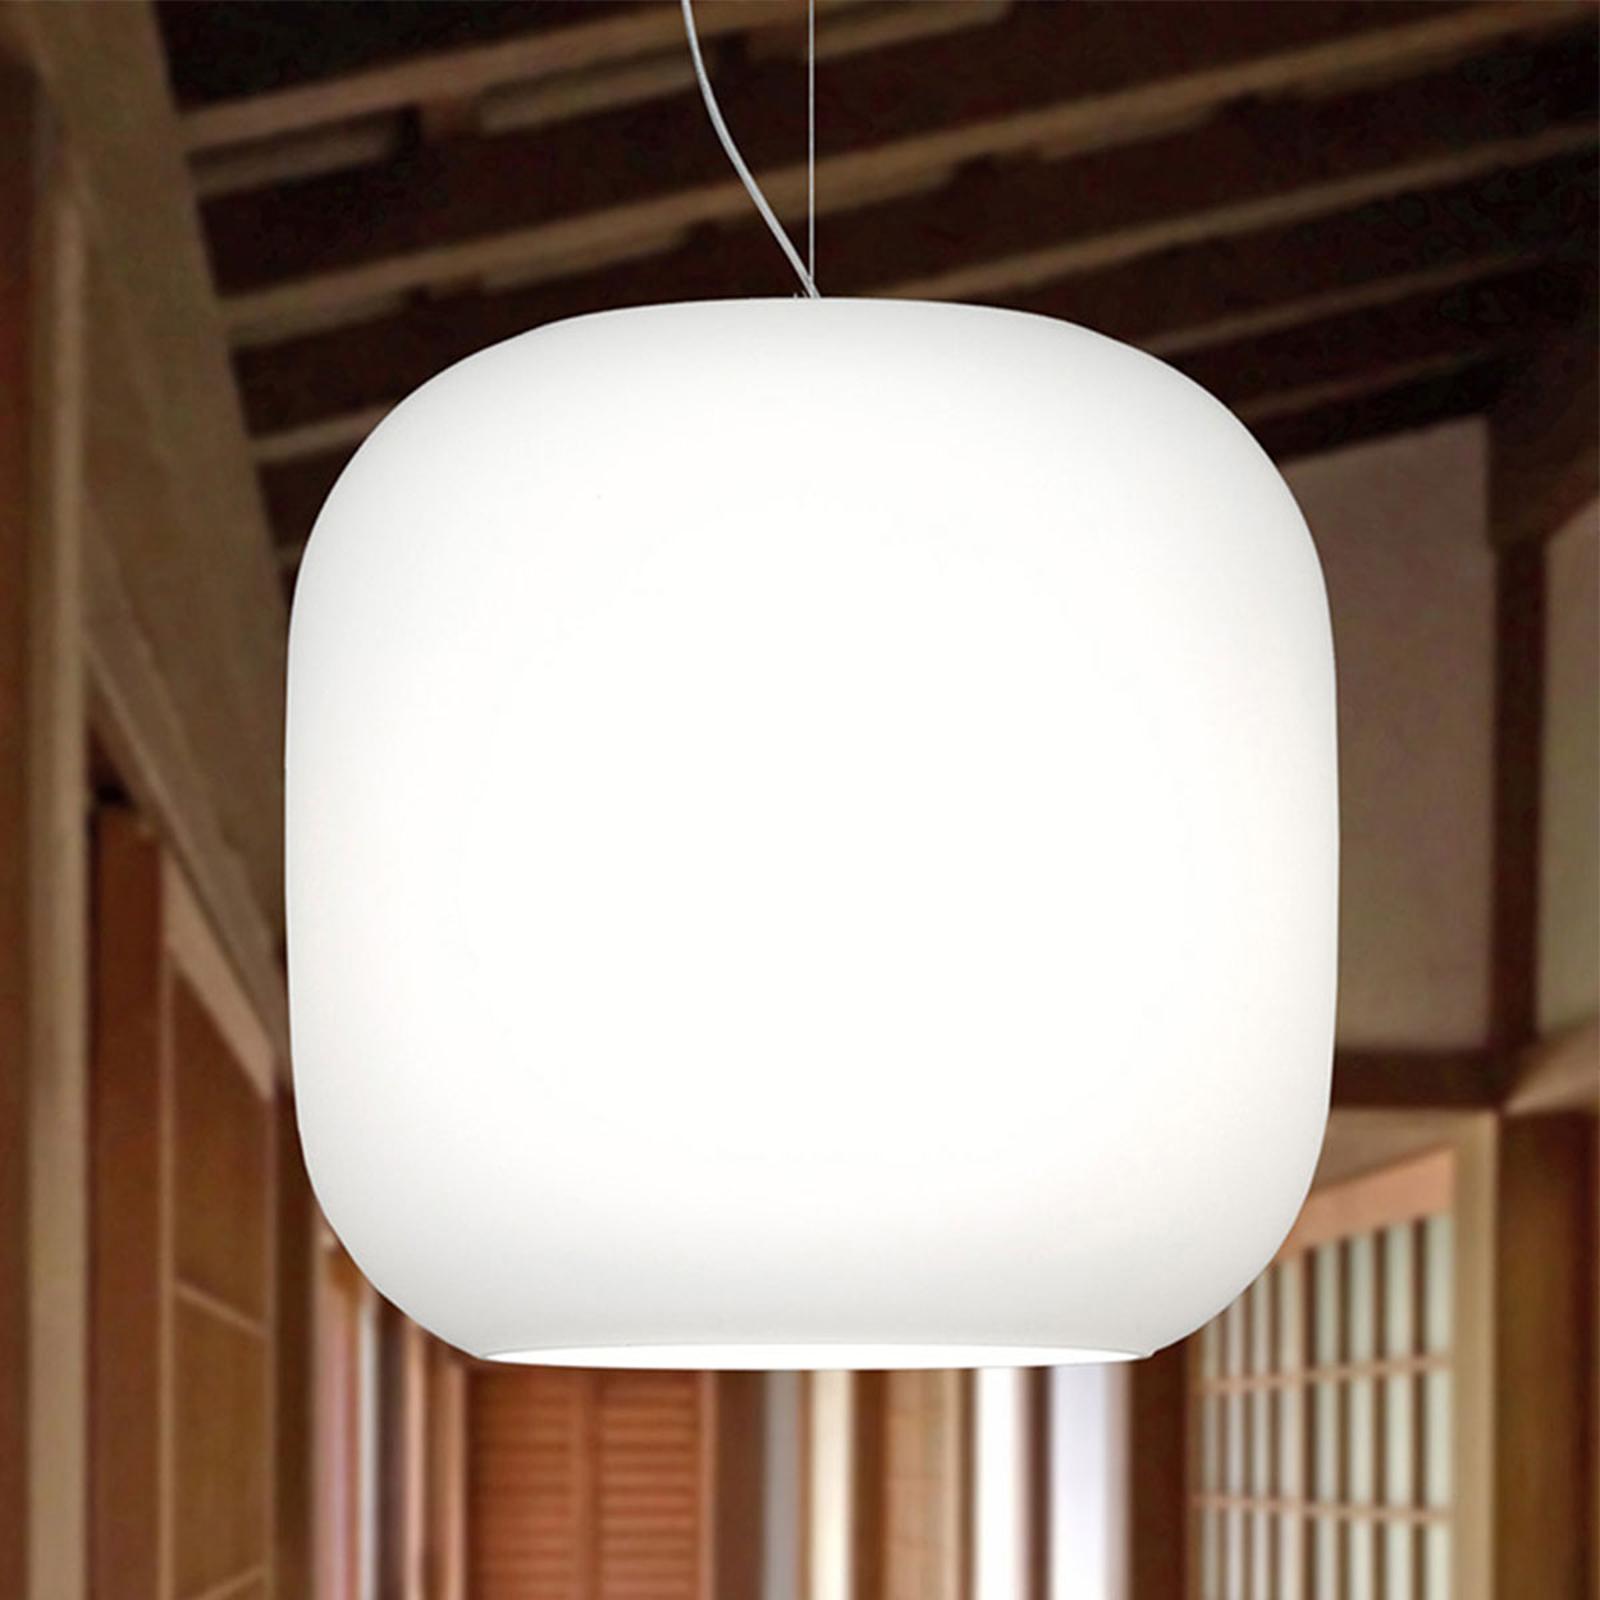 Casablanca Murea glazen hanglamp met draadhanger